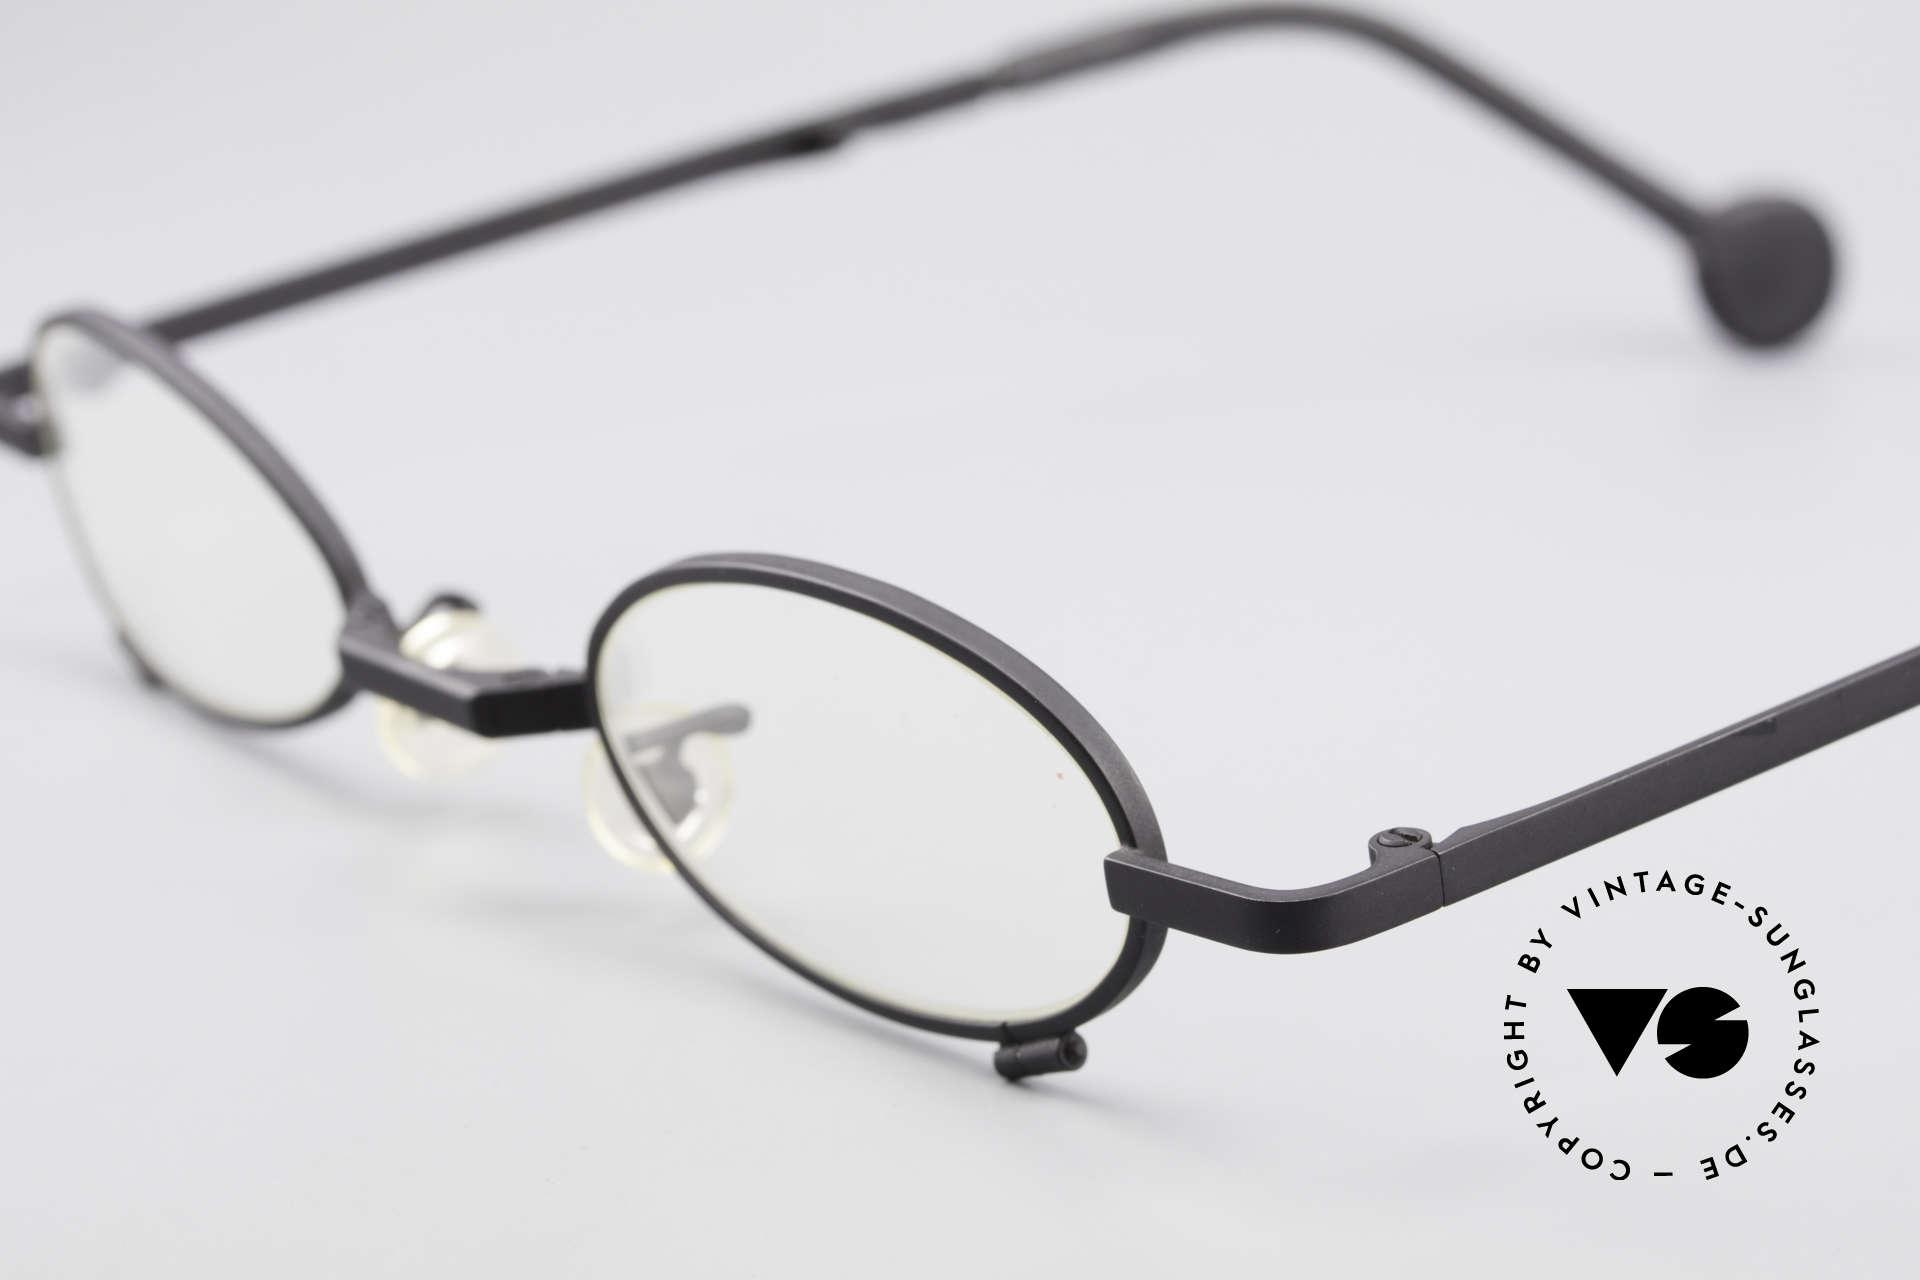 L.A. Eyeworks TIO 412 Brille zum Falten Faltbrille, praktische, faltbare Fassung (passt in fast jede Tasche), Passend für Herren und Damen